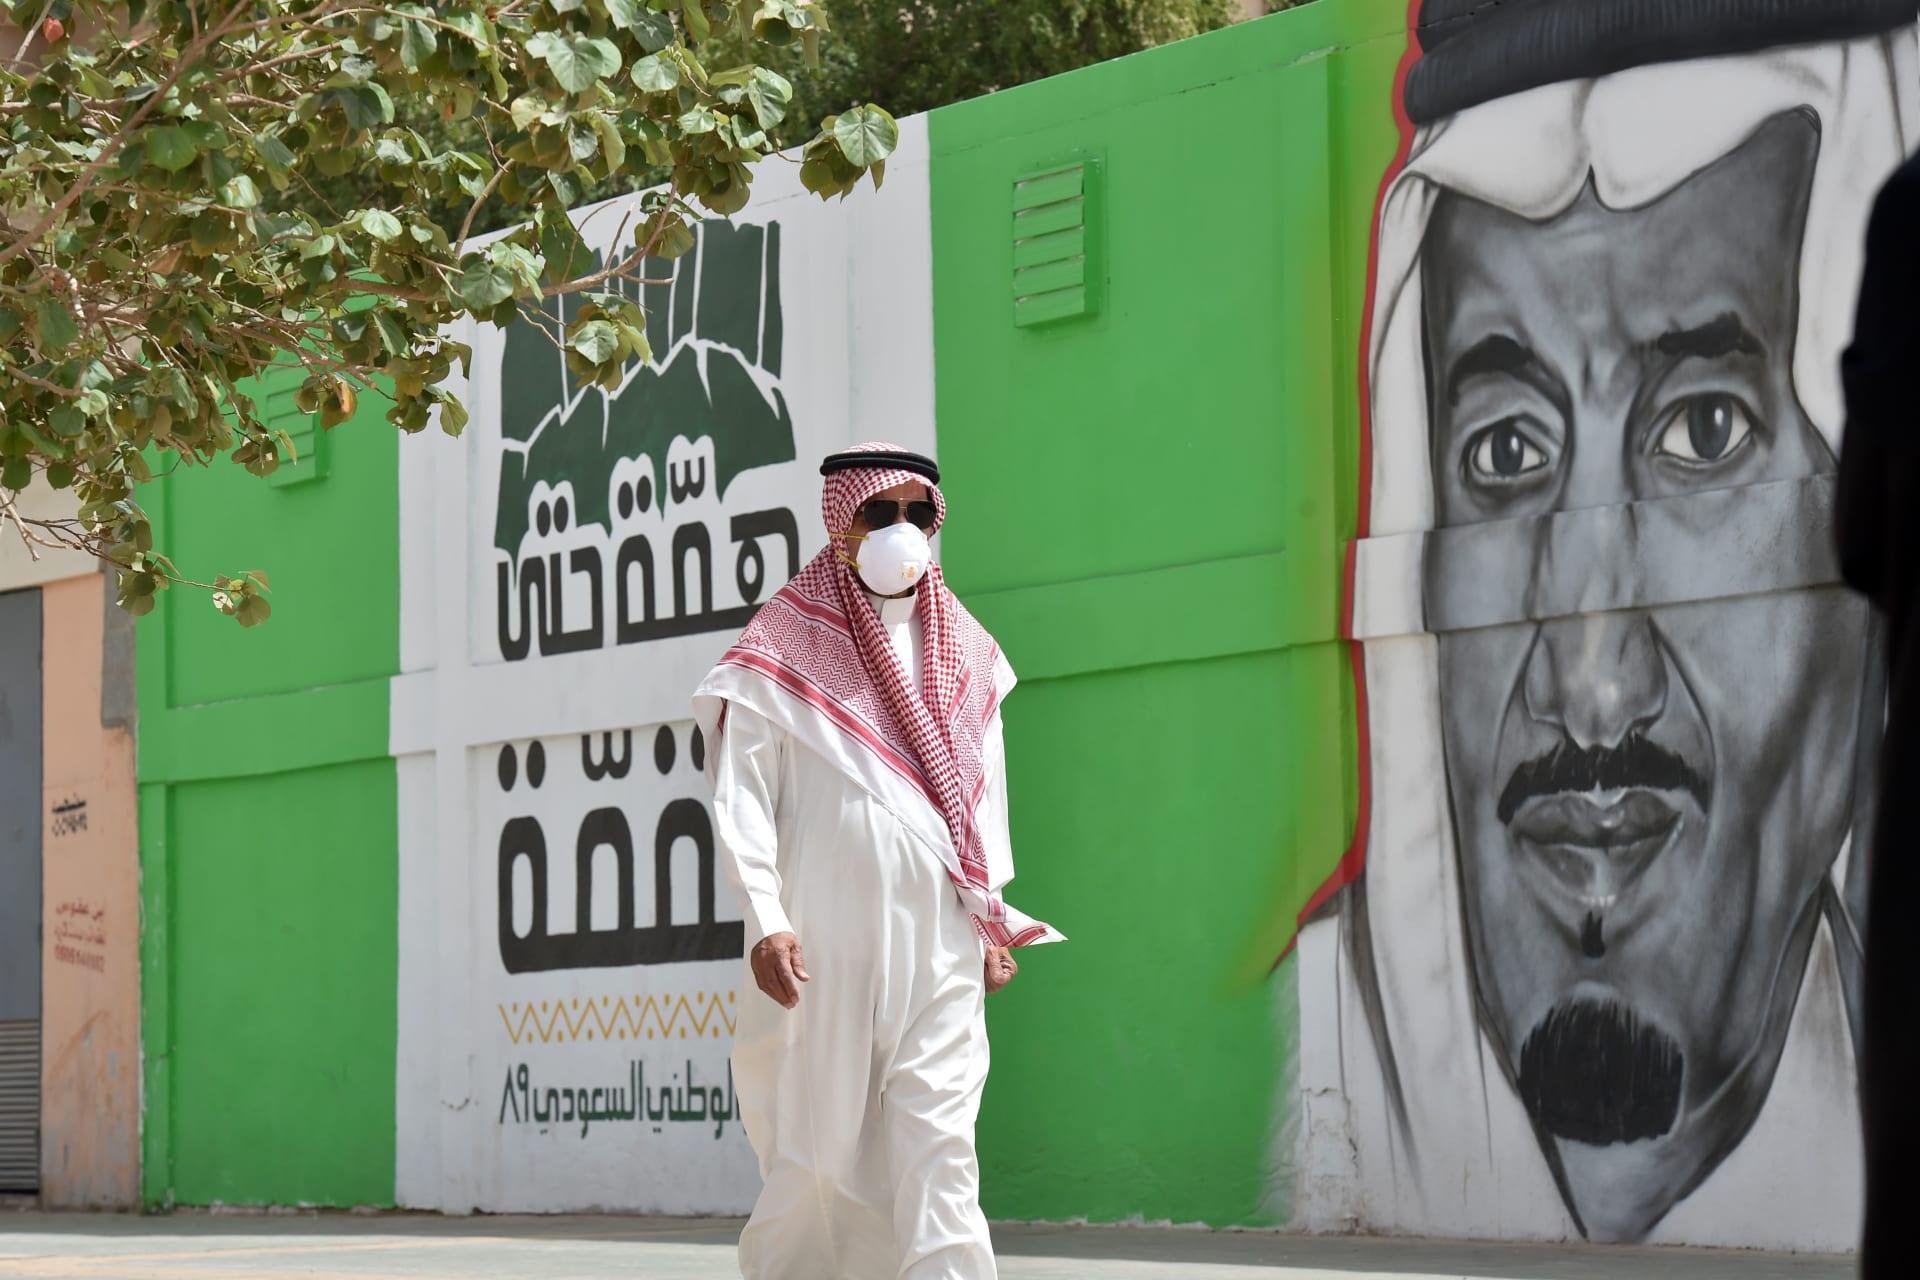 السعودية تمدد قيود السفر بسبب كورونا حتى 2021.. وتحدد الفئات المستثناة